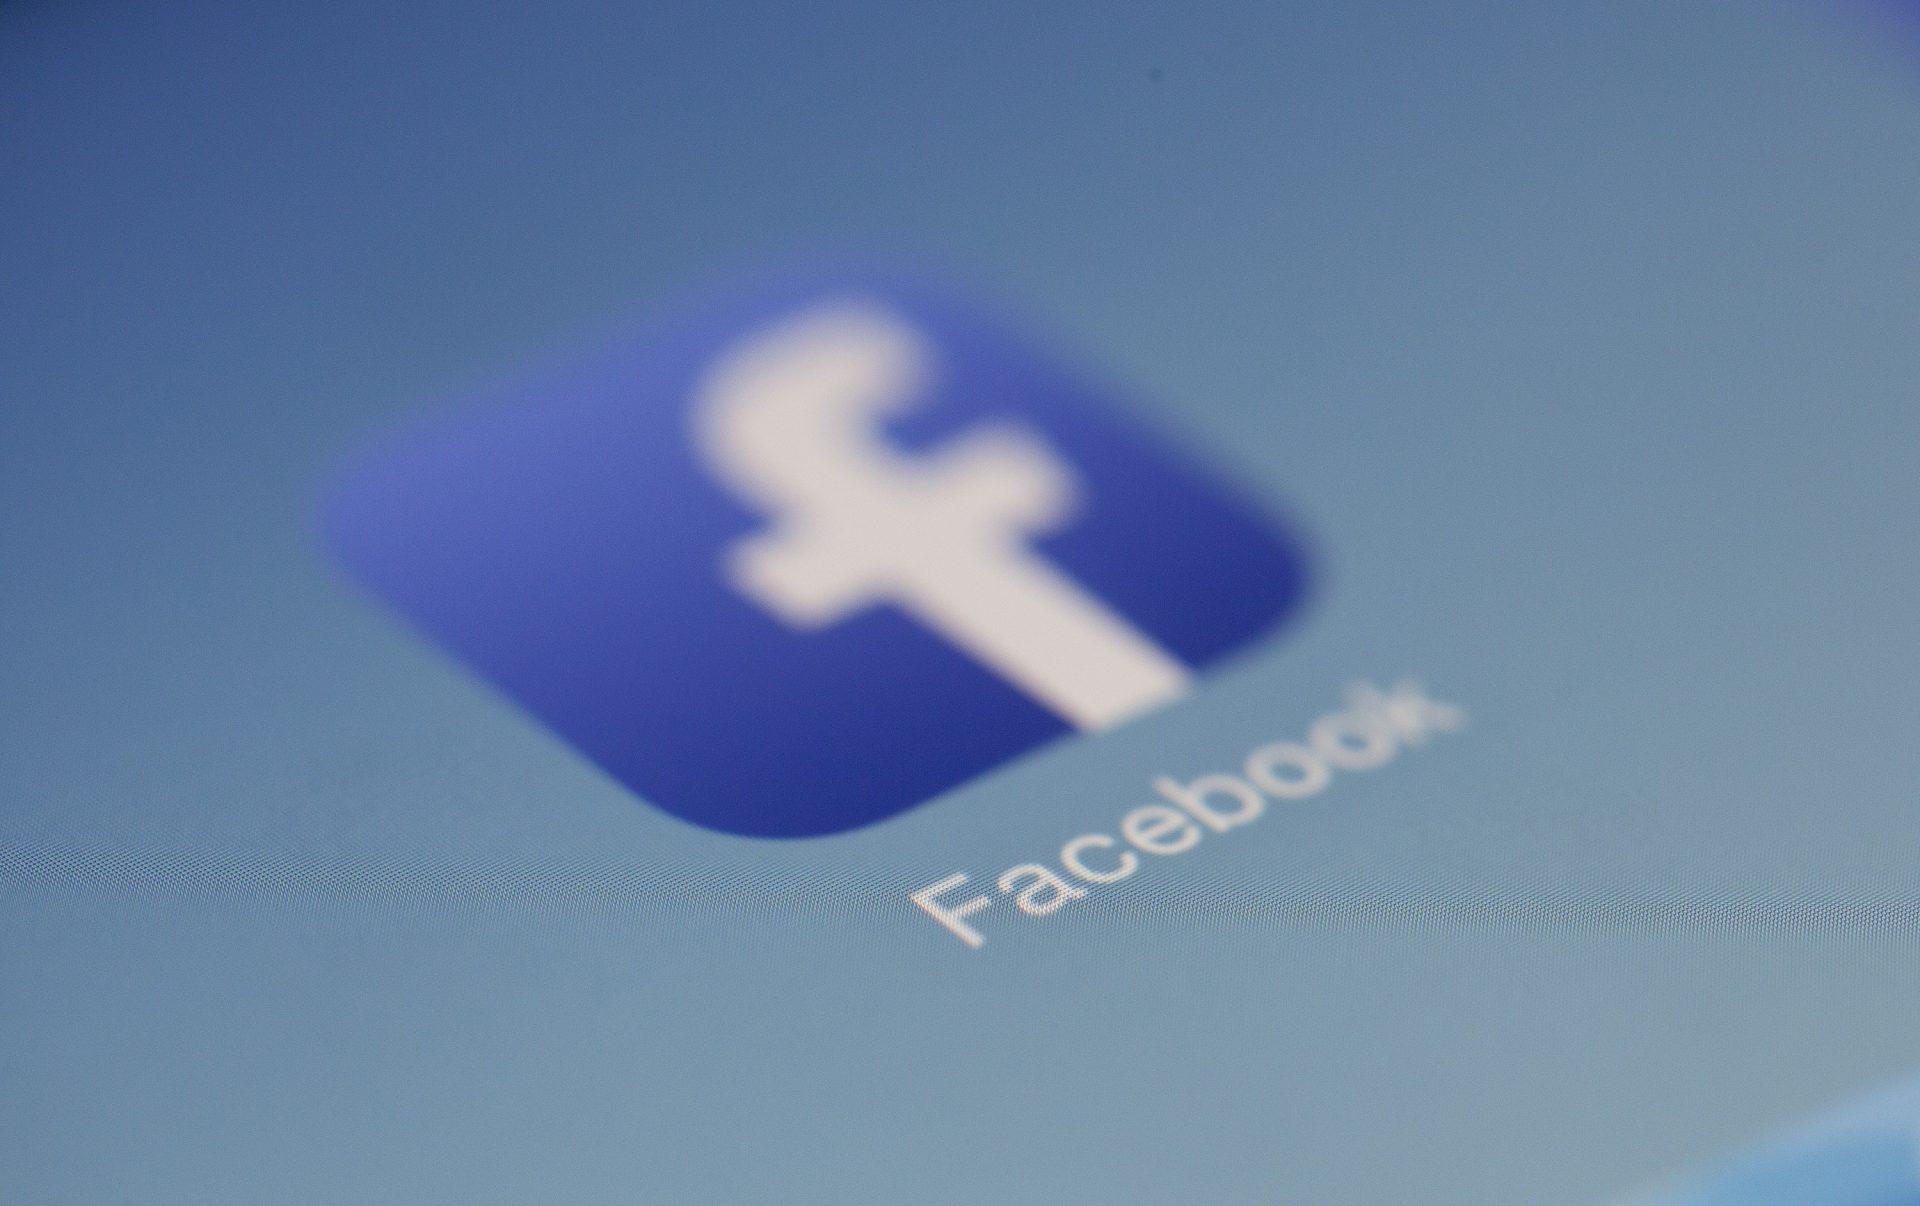 Acțiunile Facebook stârnesc mari nemulțumiri autorităților ruse